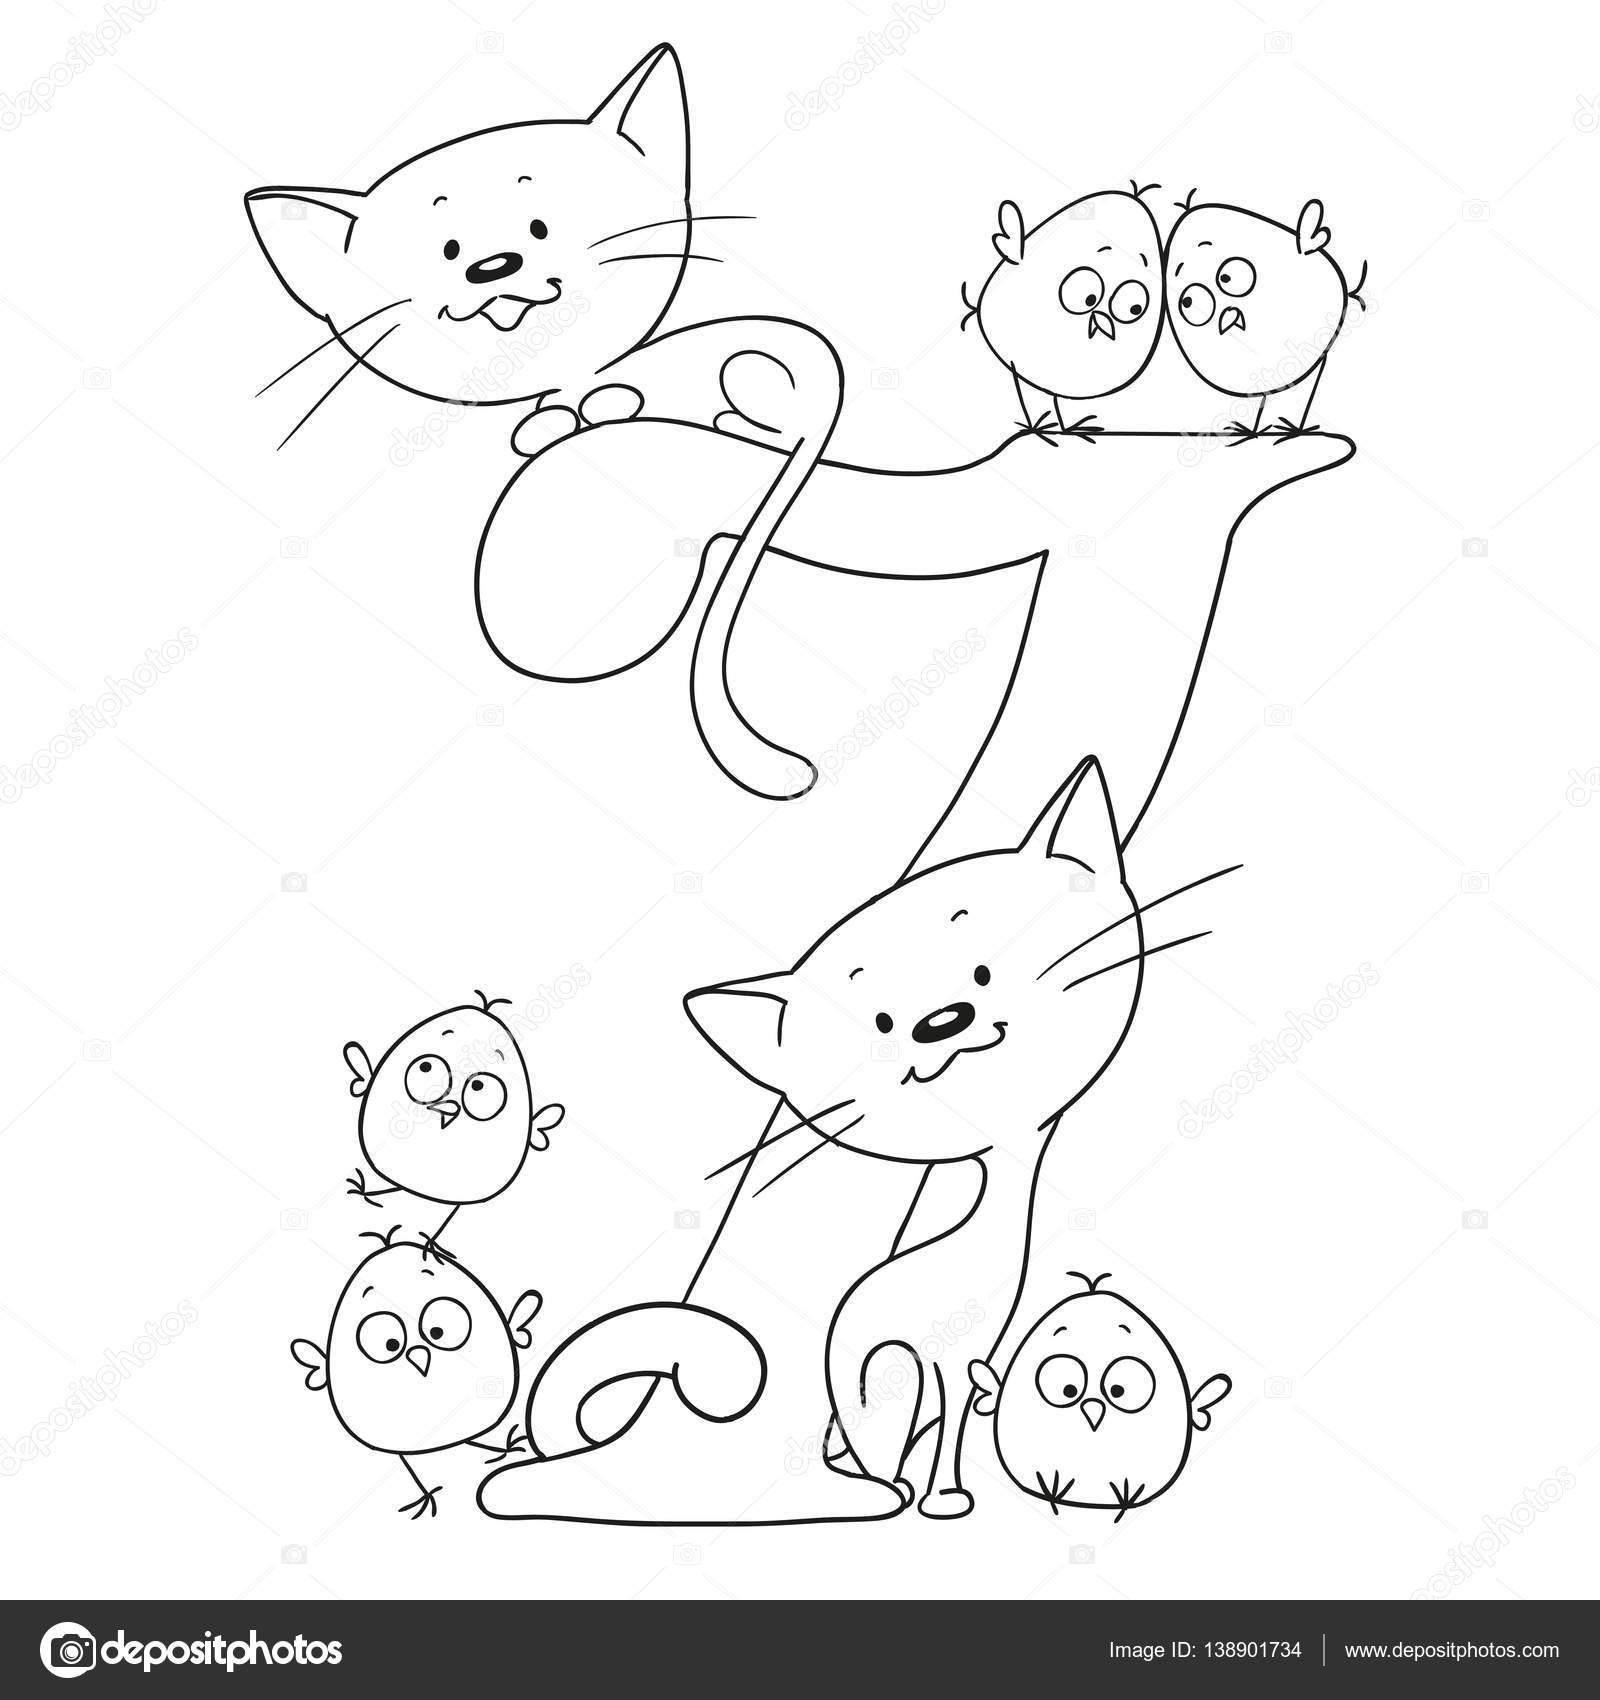 Yedi Numara Sevimli çizgi Hayvanlar Sayılar Ve Hayvanlar Tavuk Ve